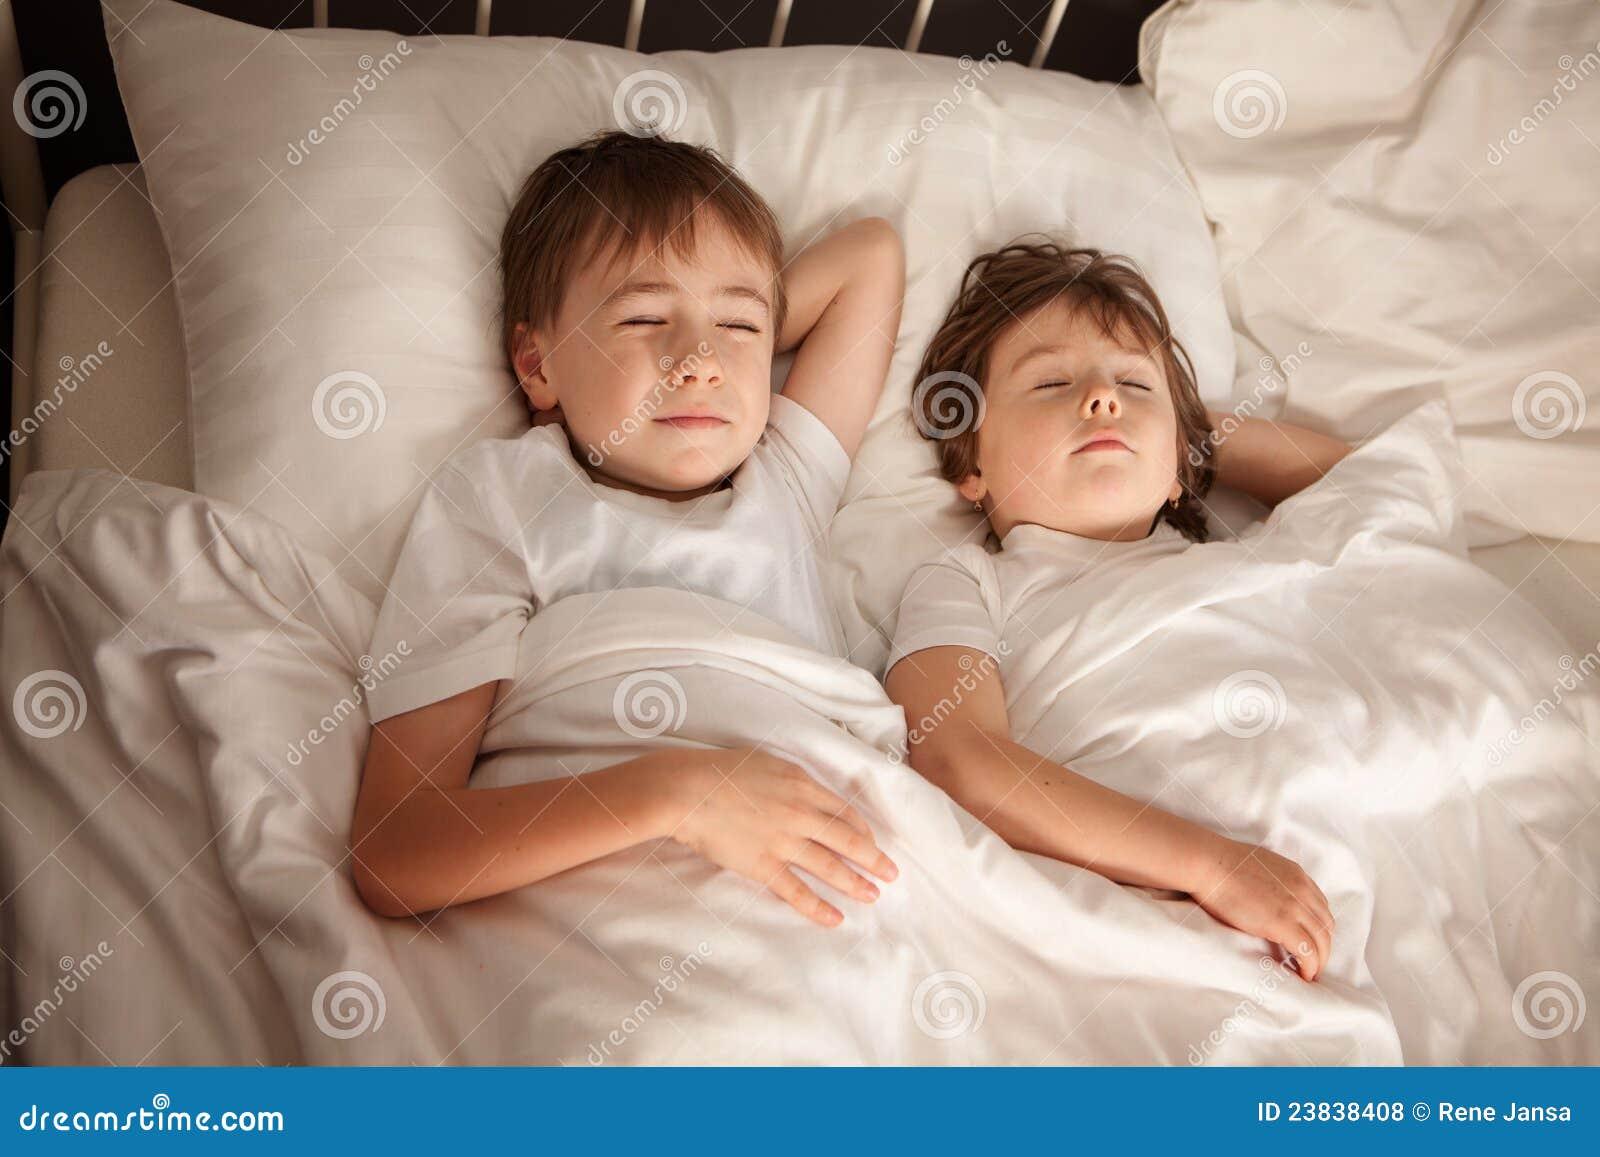 Пьяный брат трахнул пьяную сестру, Смотреть поимел спящую сестру дественицу онлайн 21 фотография